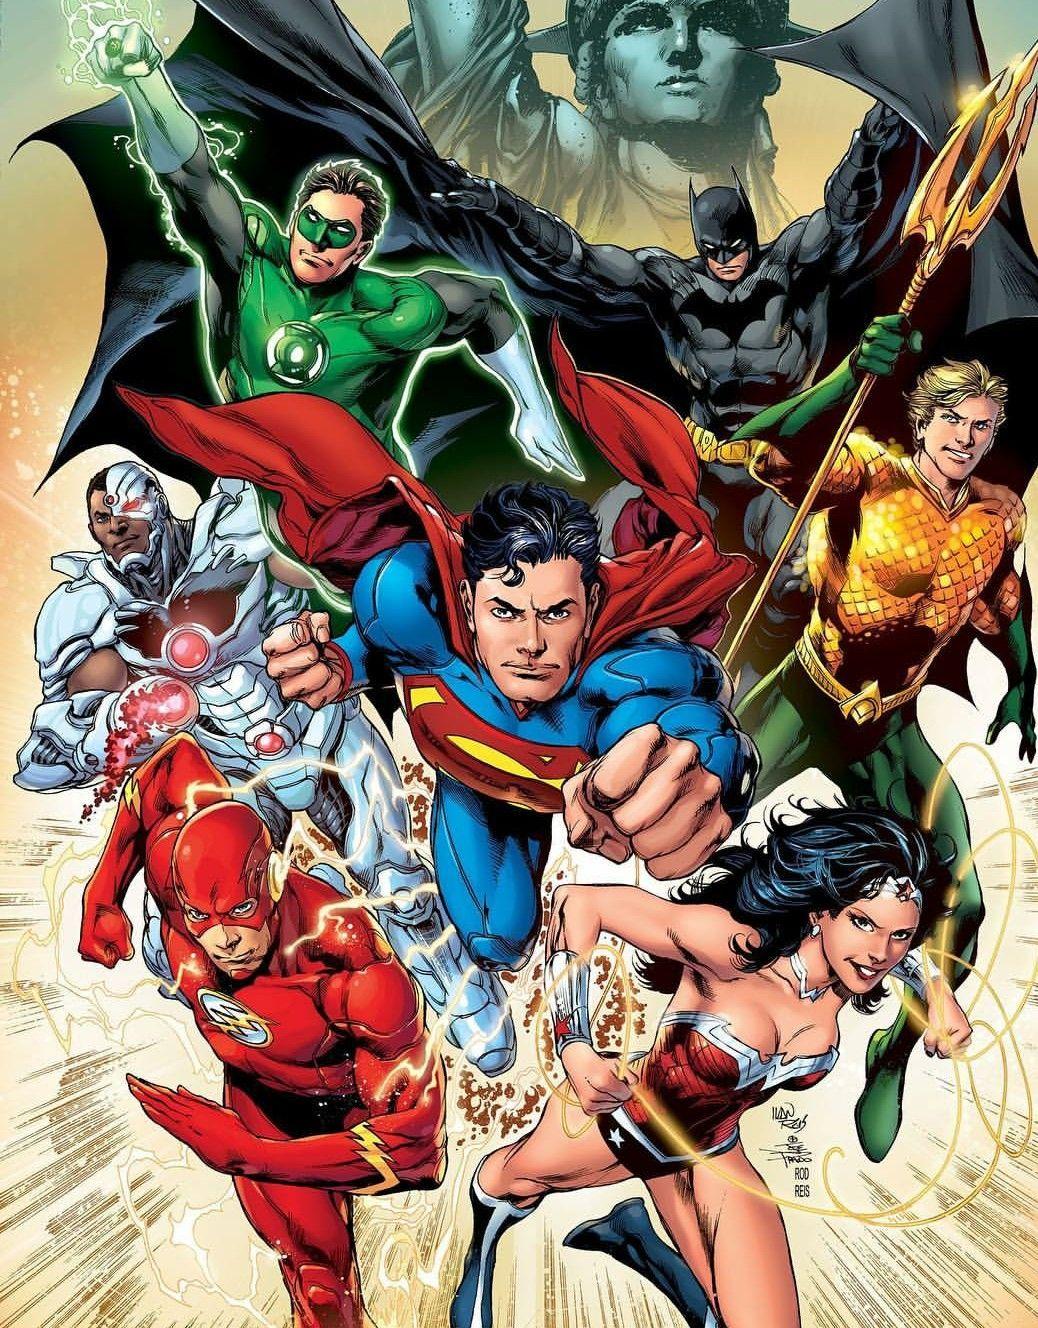 Pin de Kory Marshall em Comics Herois, Justice league